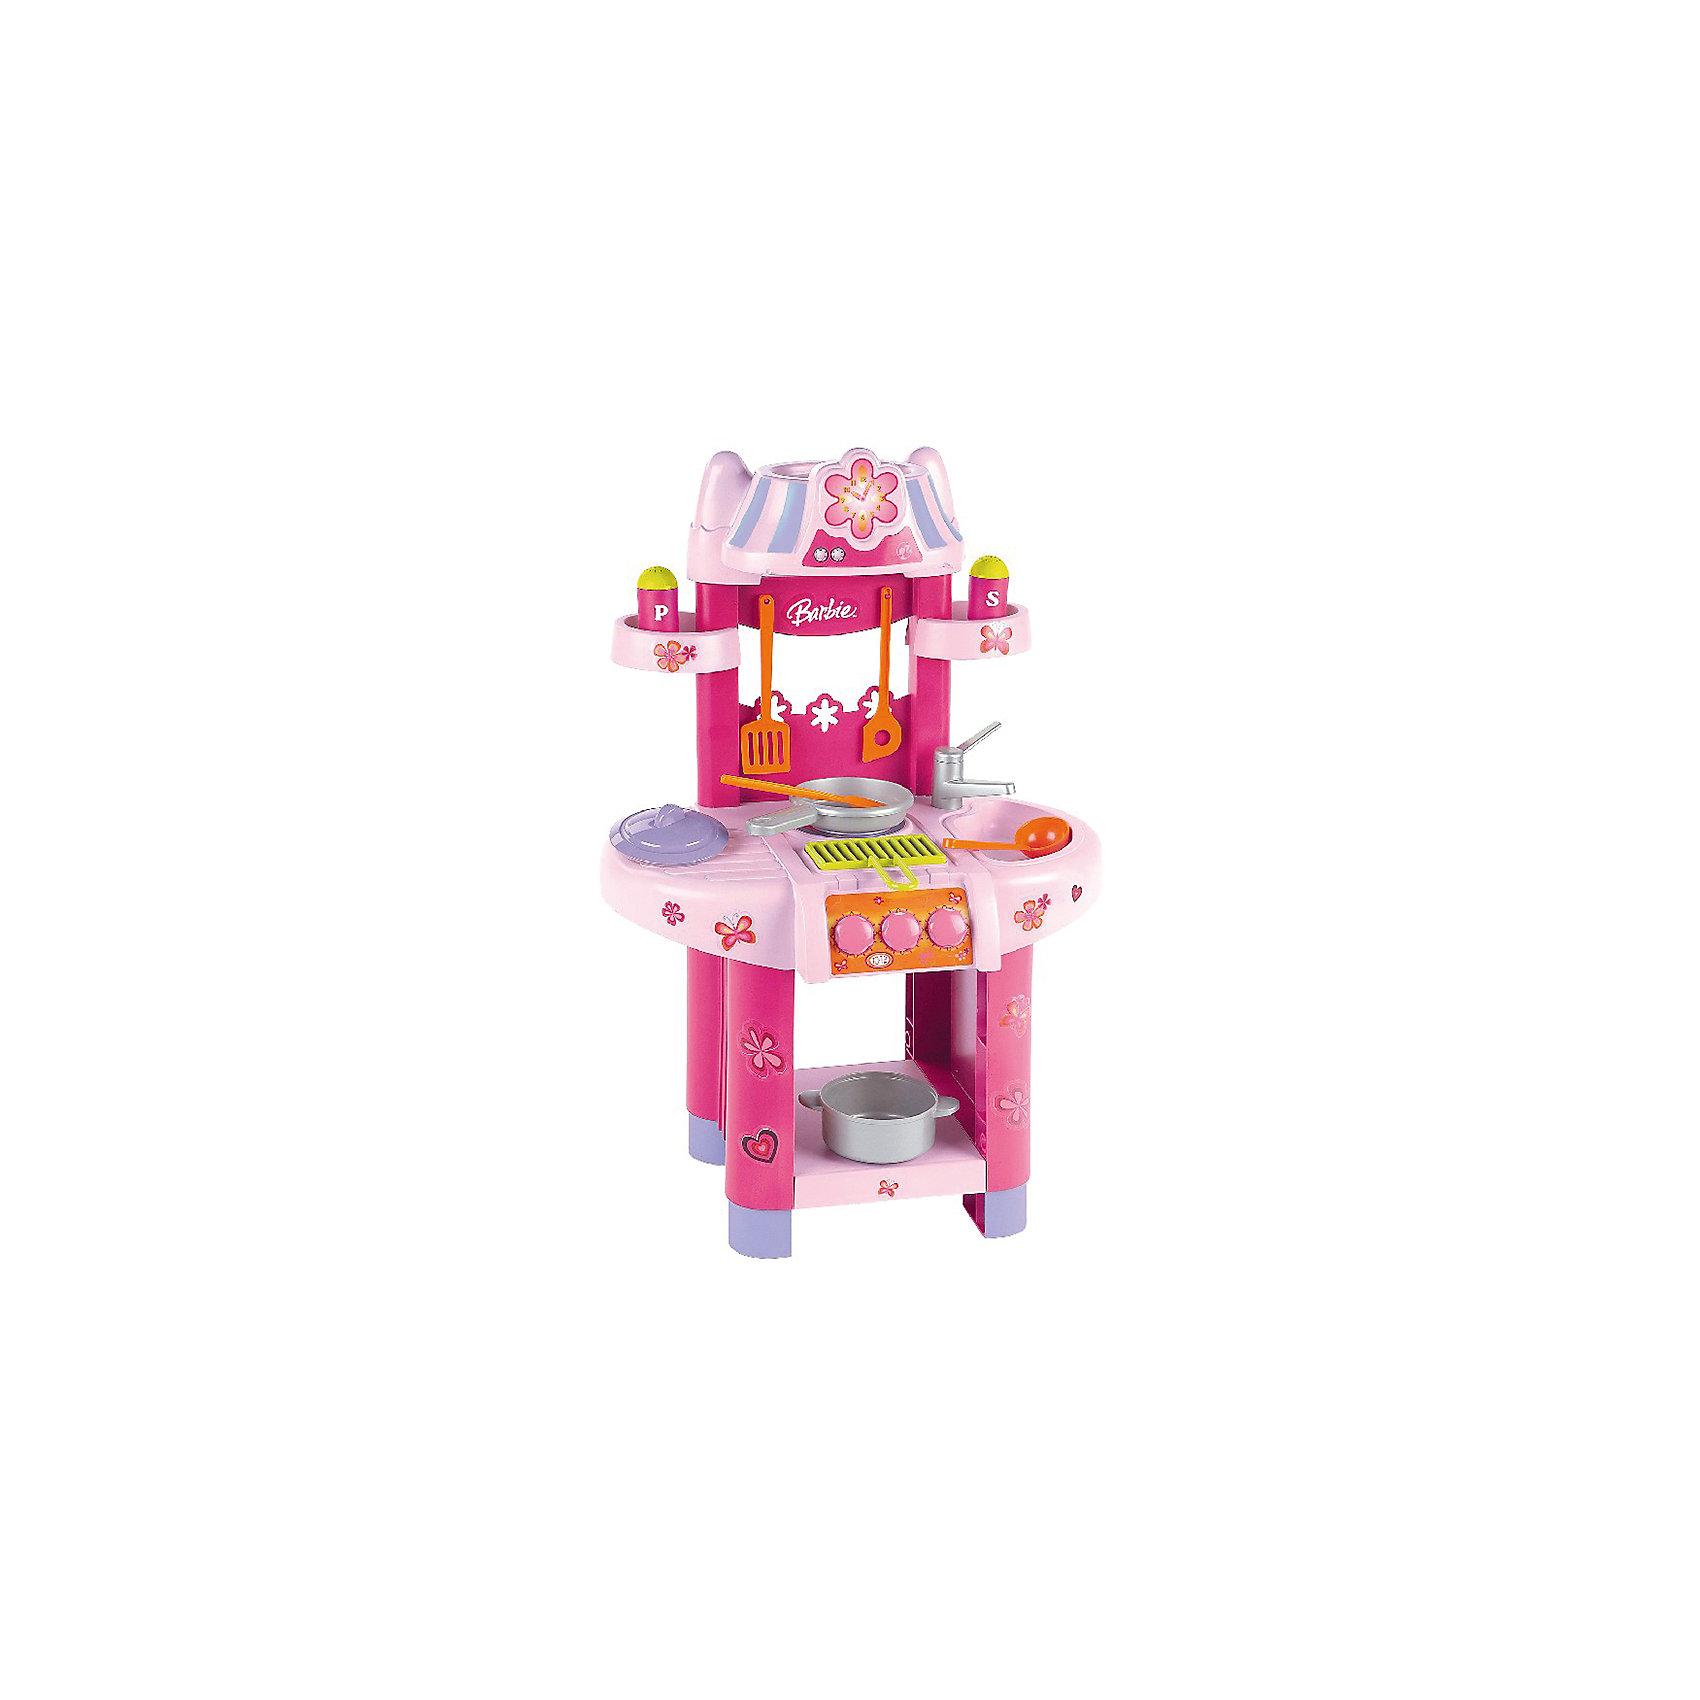 Кухонный центр, BarbieДетские кухни<br>Кухонный центр от бренда Barbie понравится не только любительницам этих кукол. В наборе есть всё необходимое, чтобы готовить куклам вкусные блюда - плита с грилем, предметы посуды и емкости со специями, полочки для кухонных принадлежностей и еды, раковина и кран. <br>Набор сделан из качественного пластика, безопасного для детей. Набор яркий, очень красиво смотрится. Он станет отличным подарком девочке!<br><br>Дополнительная информация:<br><br>цвет: разноцветный;<br>материал: пластик;<br>комплектация: плита с грилем, предметы посуды и емкости со специями, полочки для кухонных принадлежностей и еды, раковина и кран;<br>размер: 75,5 х 42 х 30 см.<br><br>Кухонный центр от бренда Barbie можно купить в нашем магазине.<br><br>Ширина мм: 395<br>Глубина мм: 535<br>Высота мм: 230<br>Вес г: 1900<br>Возраст от месяцев: 36<br>Возраст до месяцев: 1164<br>Пол: Женский<br>Возраст: Детский<br>SKU: 1813191